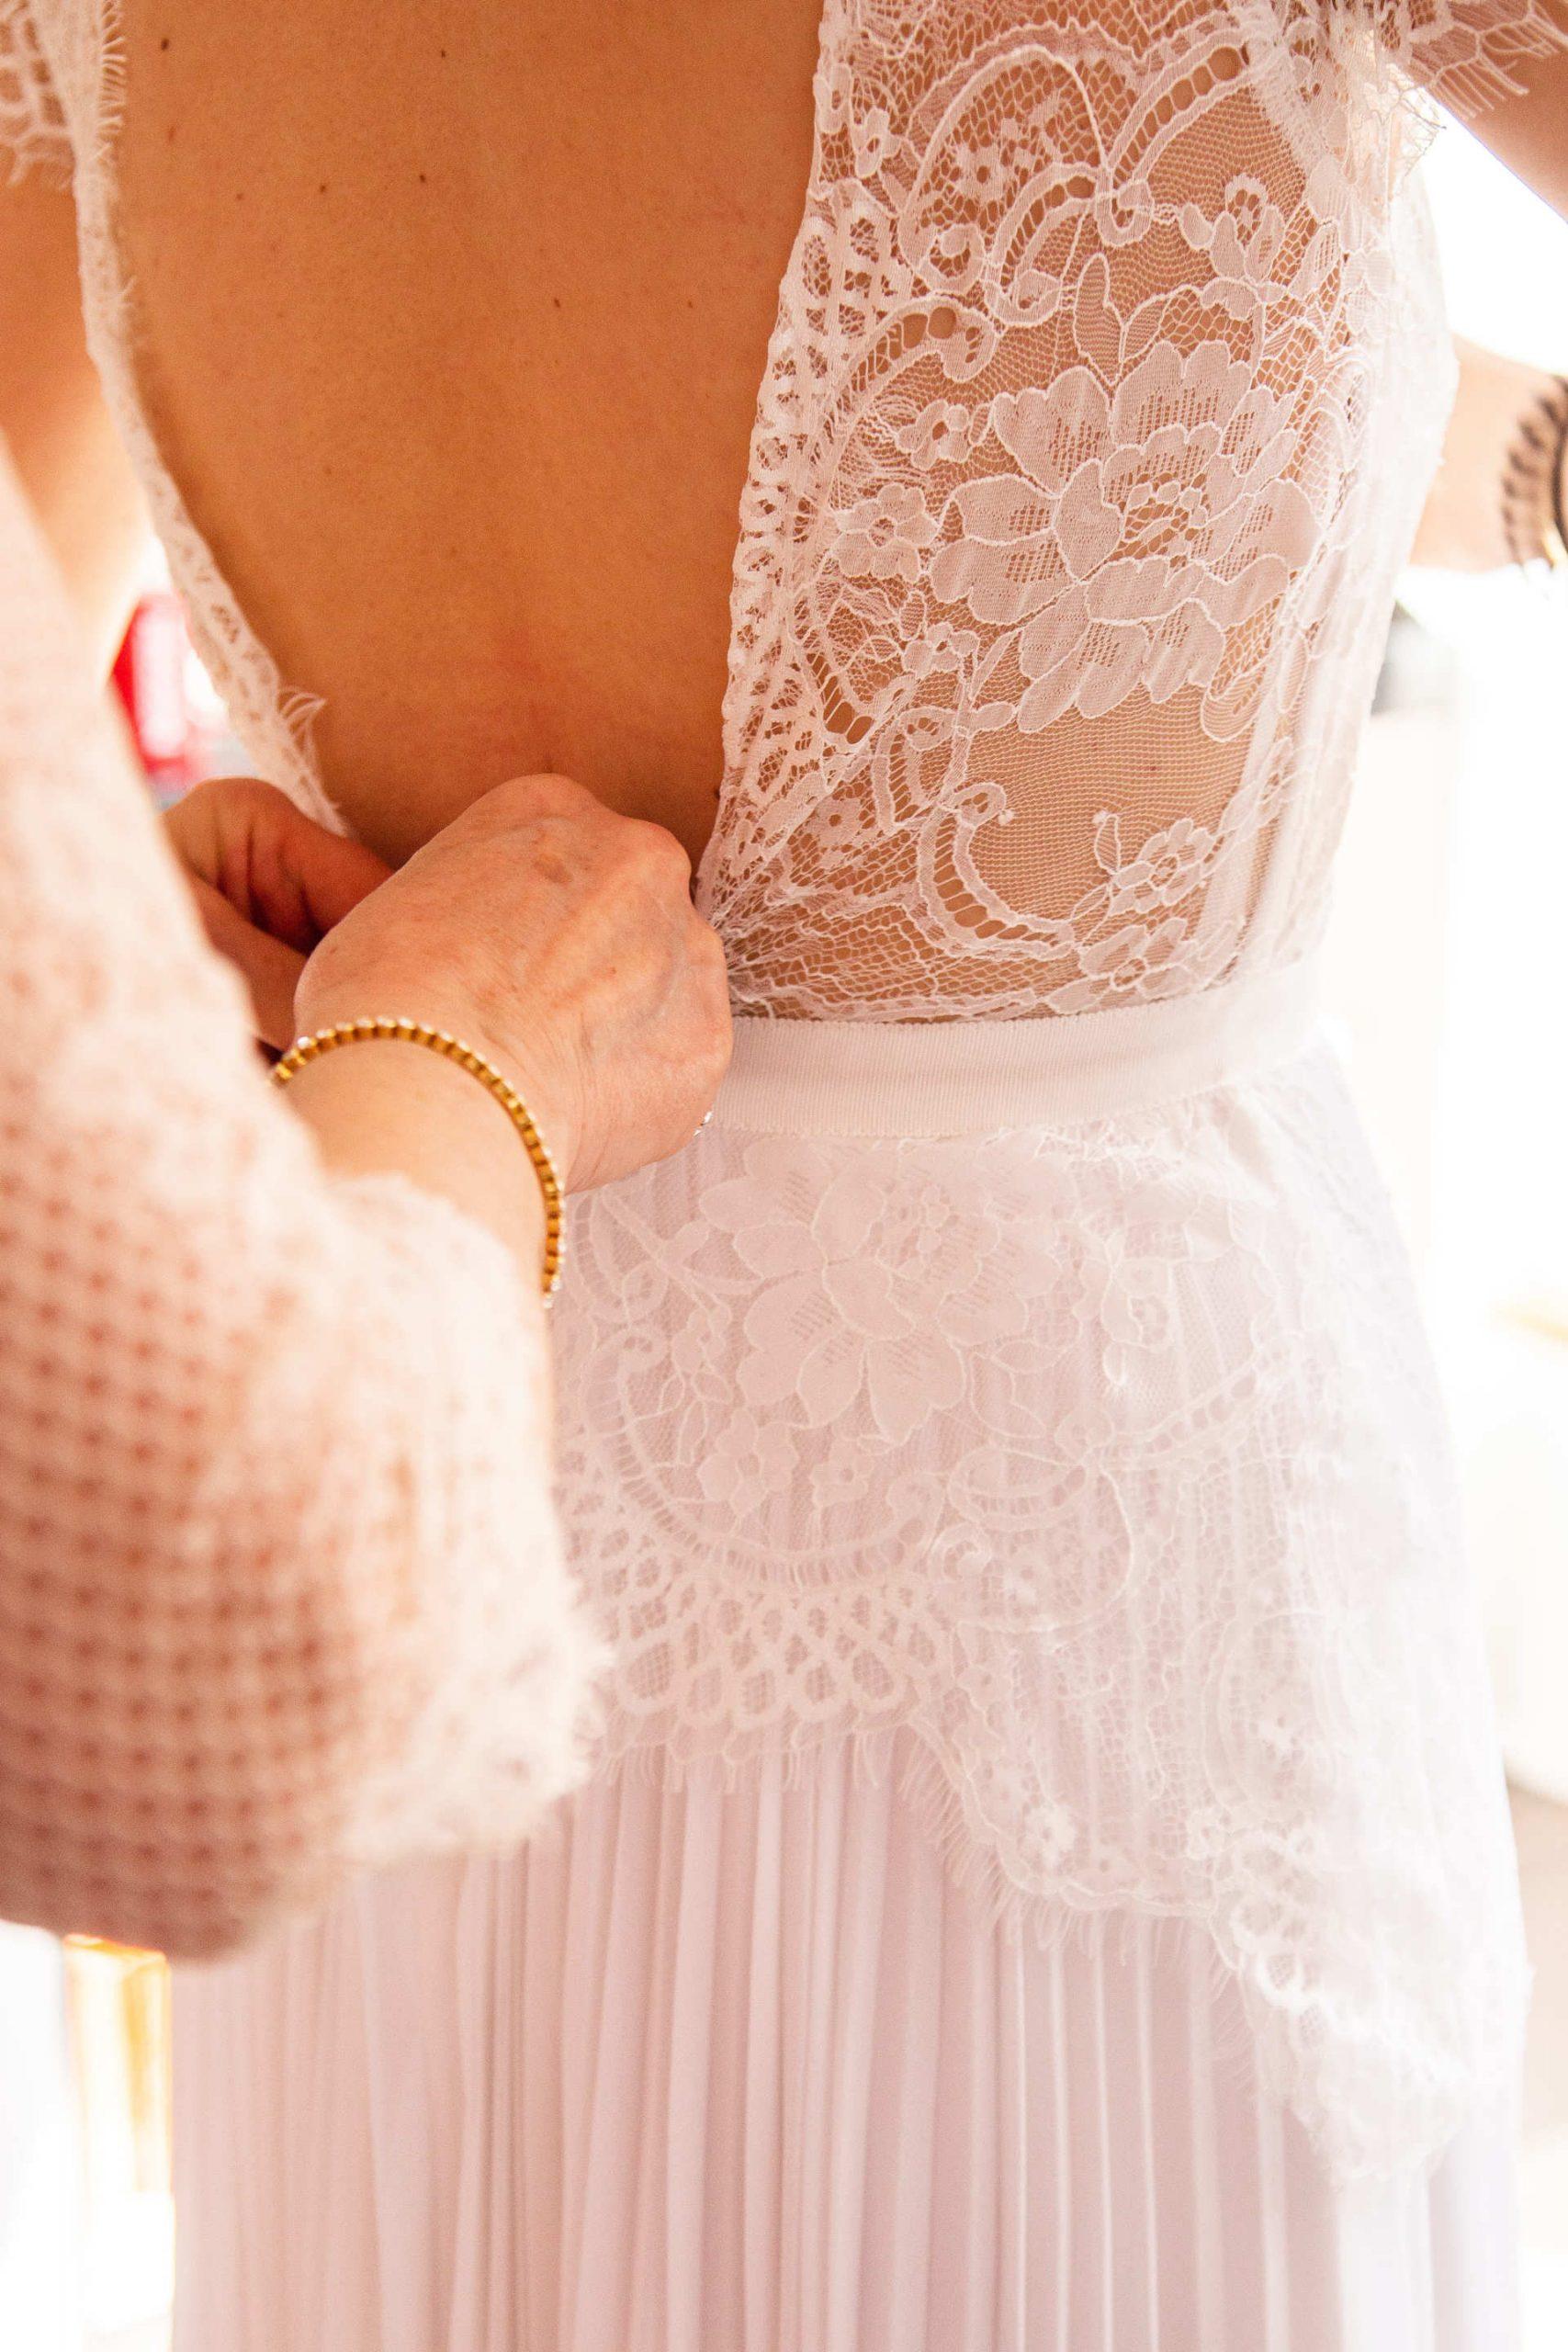 Brautkleid Nach Der Hochzeit 6 Tipps Zum Wiederverwenden